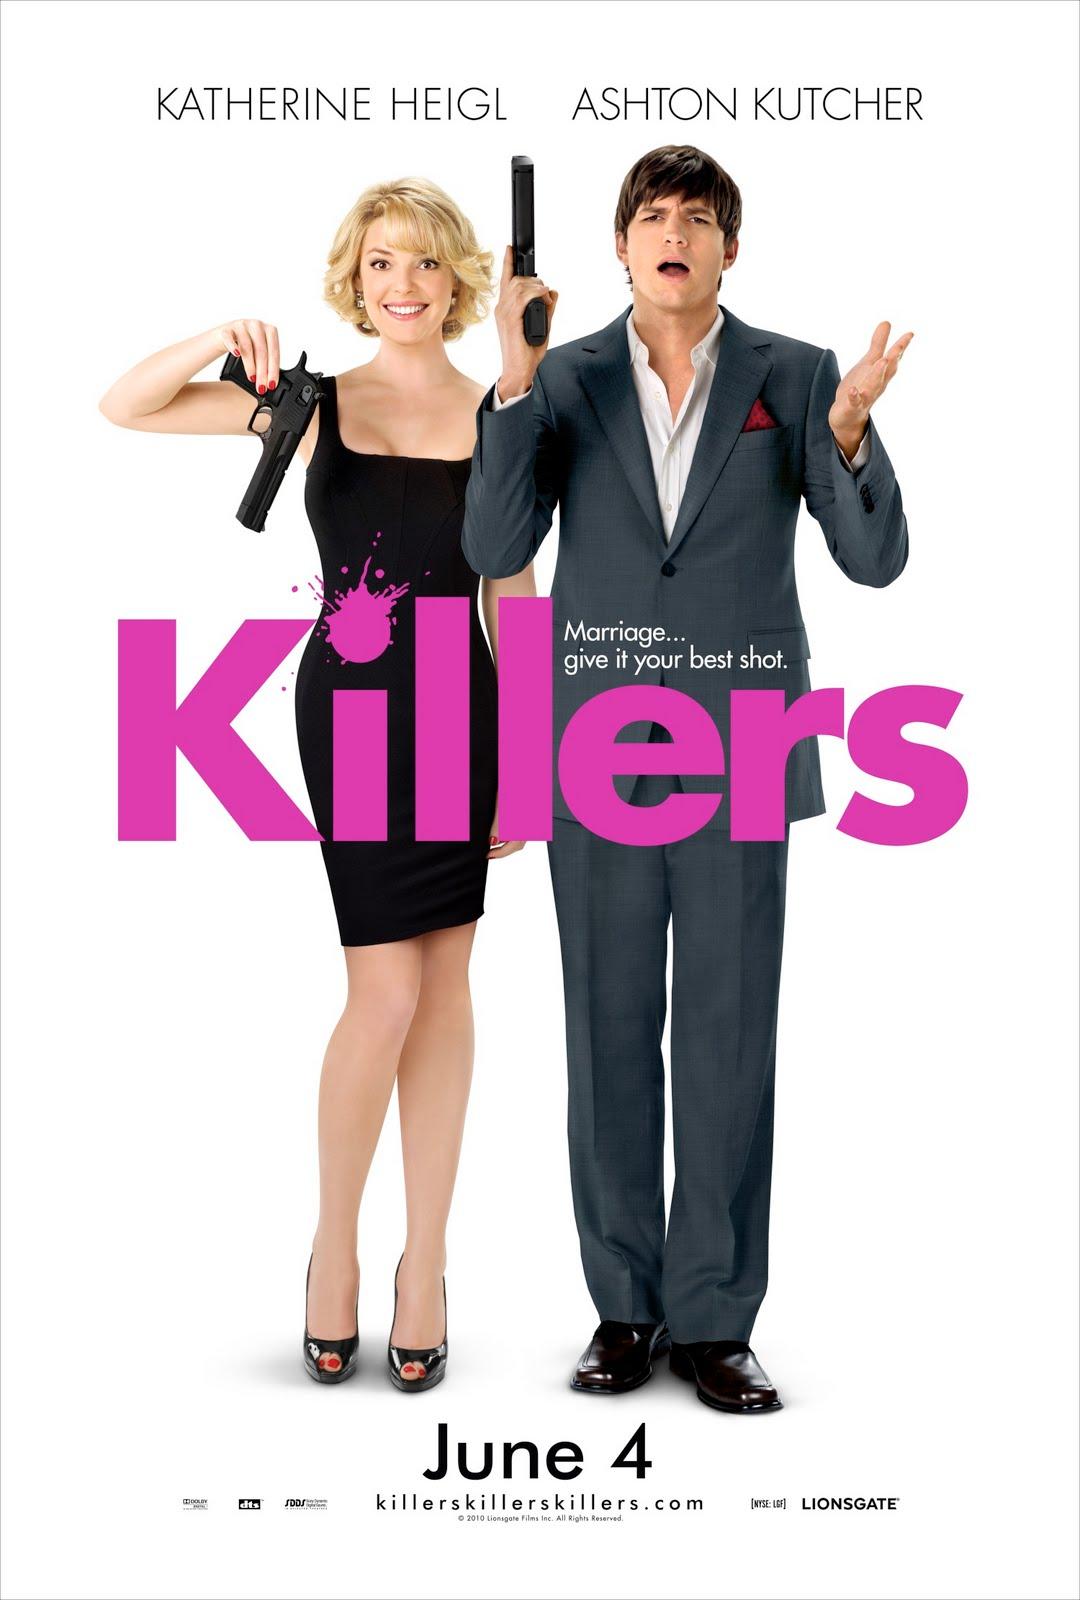 http://2.bp.blogspot.com/_t2NLf0Xf0i4/TGcLDzHZDPI/AAAAAAAAIuU/faKF6eWk6rQ/s1600/Killers.jpg